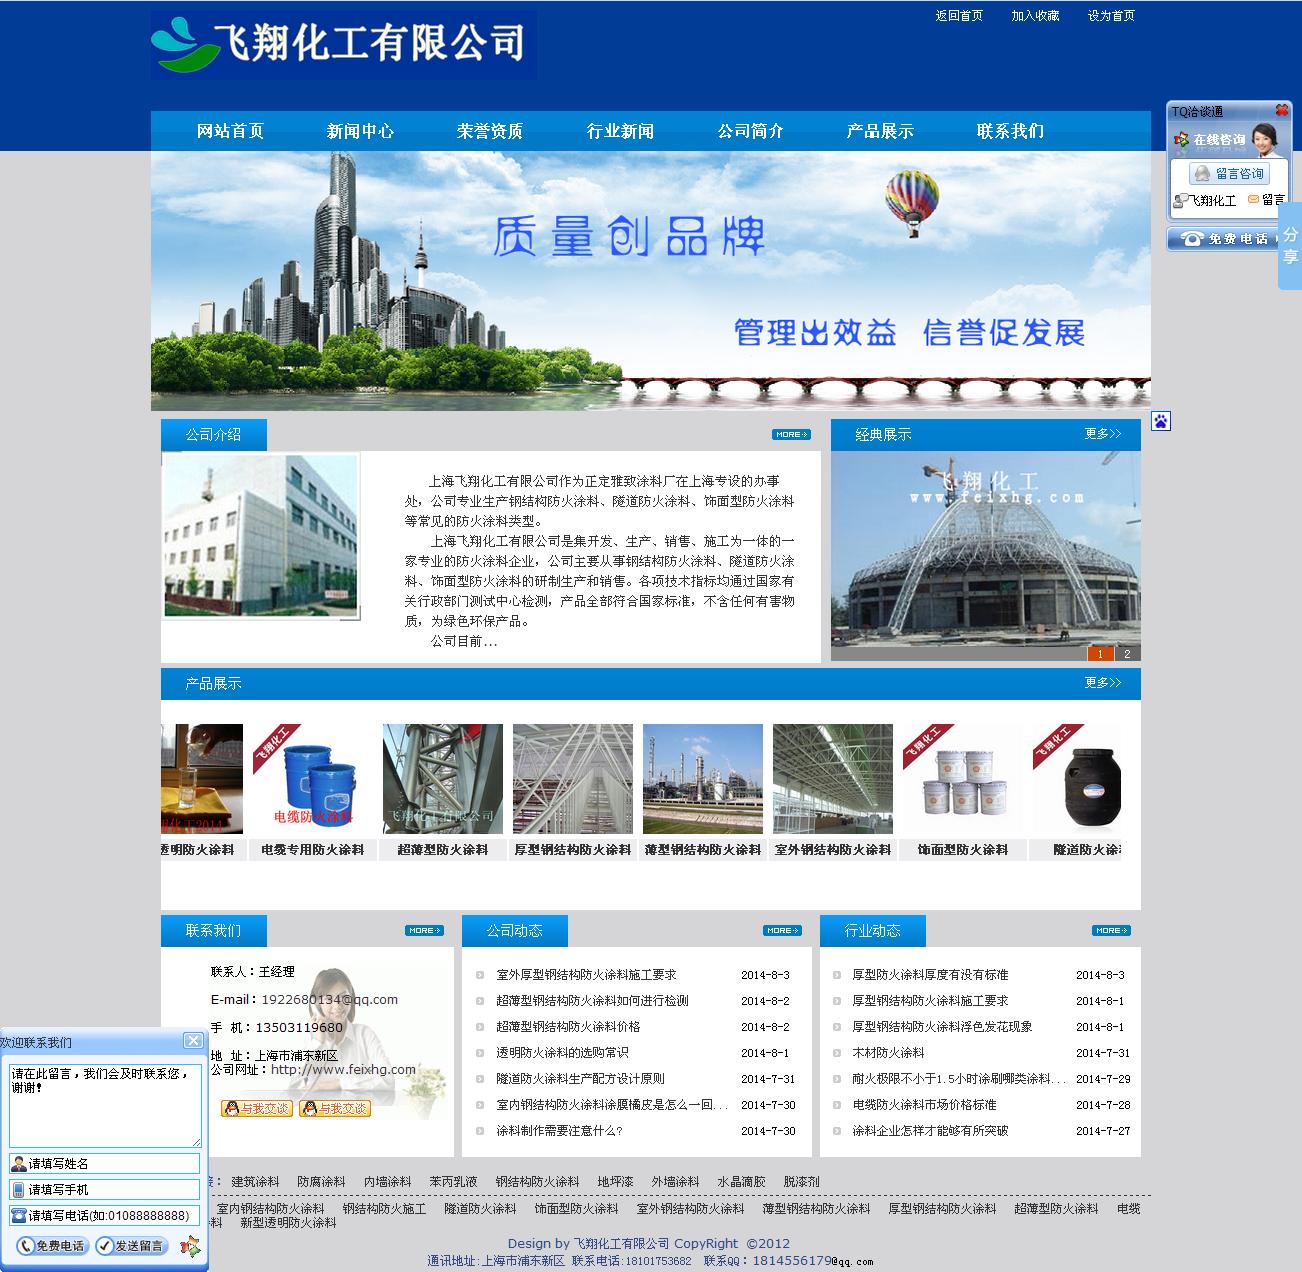 上海飞翔化工网站建设案例